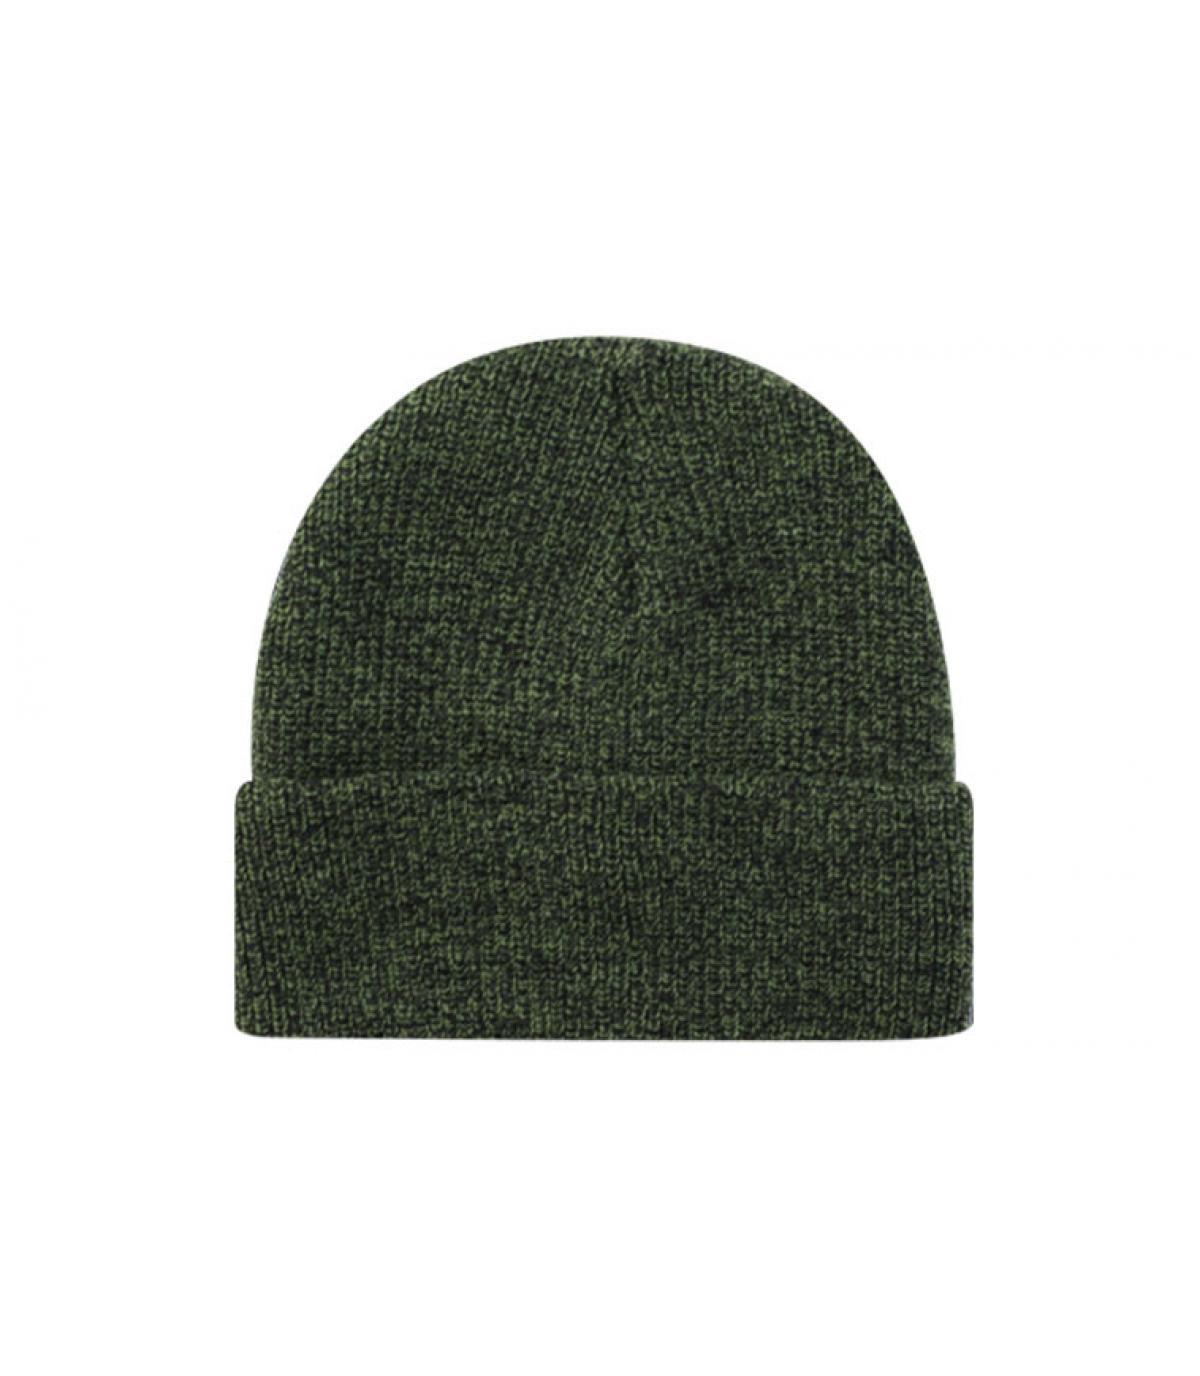 Bonnet blank moss green